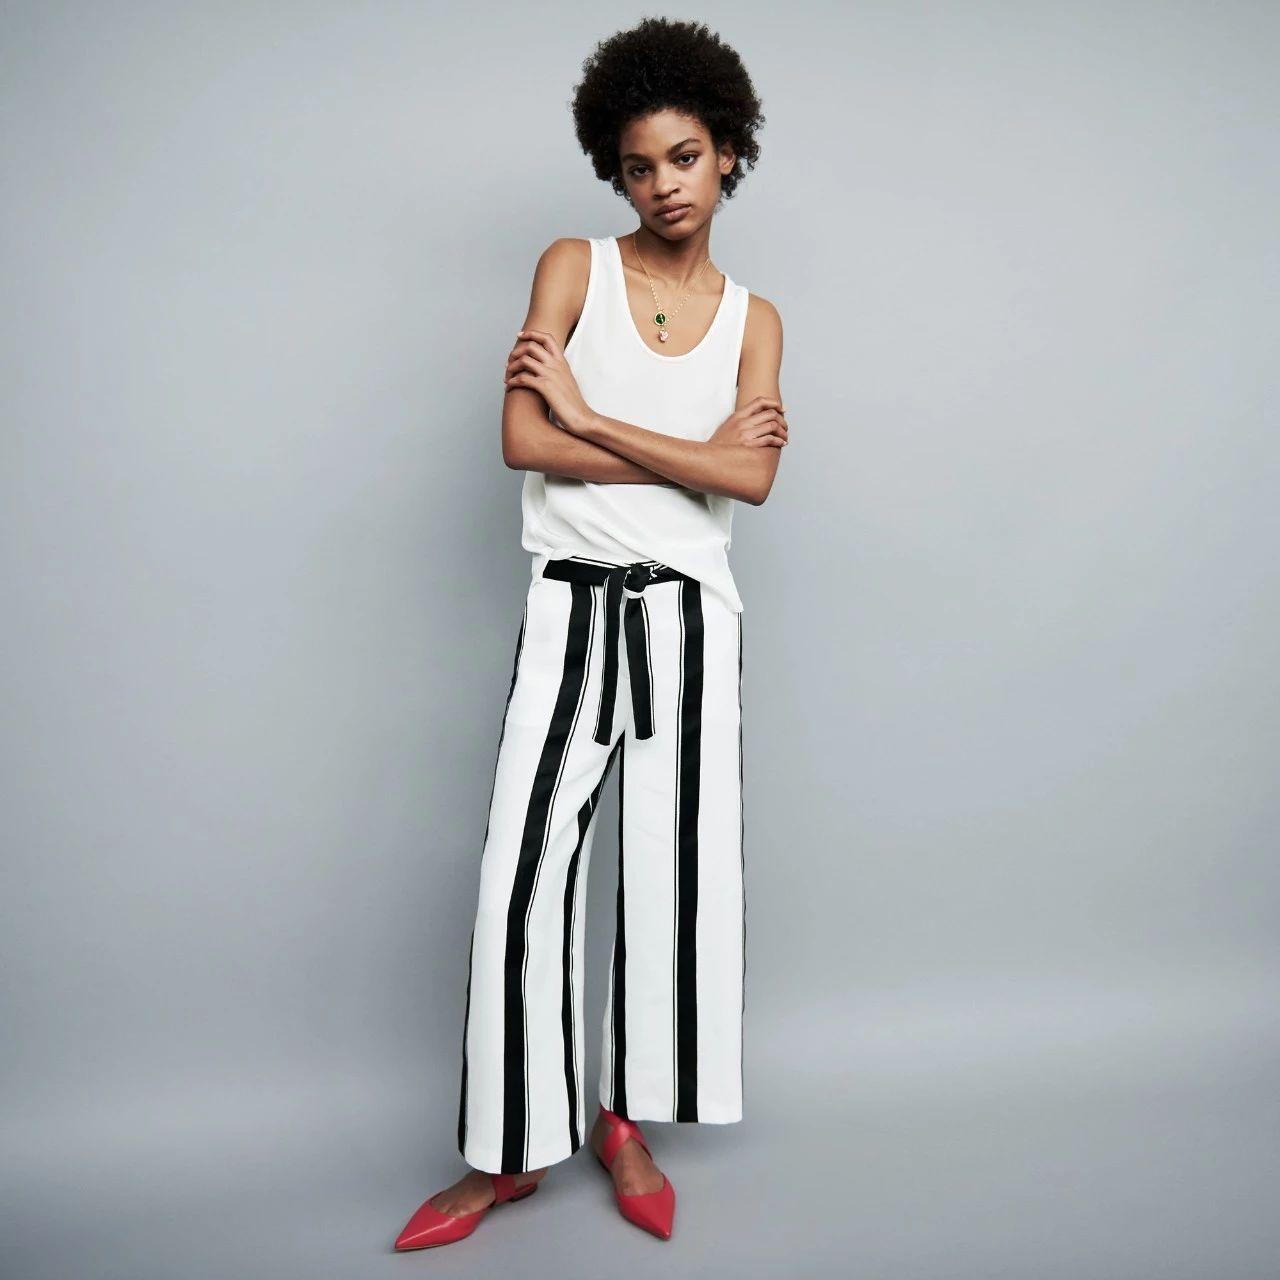 闊腿褲推薦買這些_衣Q進階_潮流服飾頻道_VOGUE時尚網